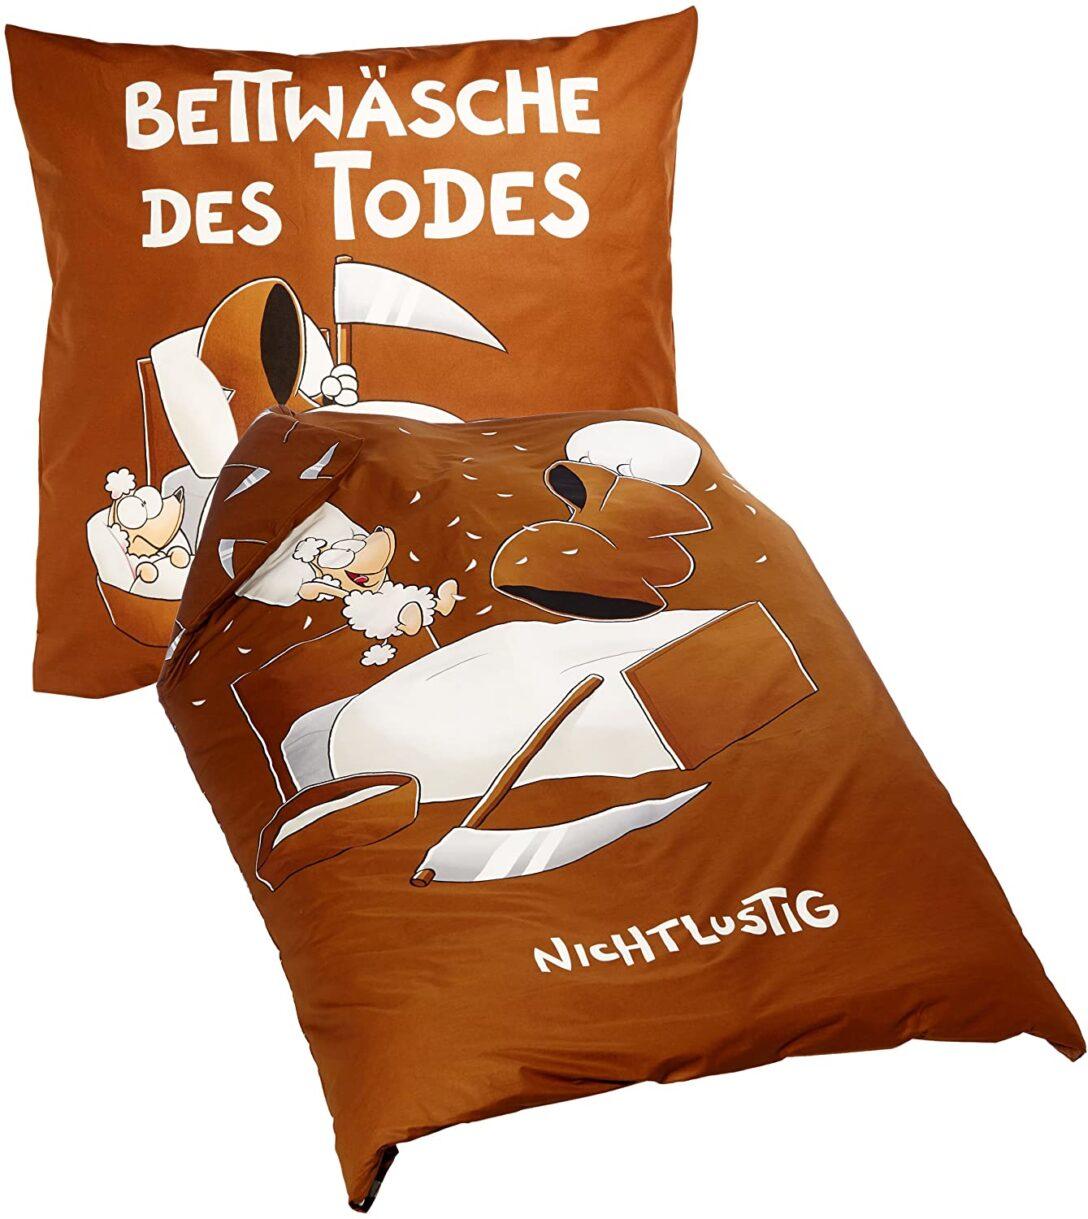 Large Size of Herding 441234050 Bettwsche Nicht Lustig Lustige T Shirt Sprüche Bettwäsche T Shirt Wohnzimmer Bettwäsche Lustig